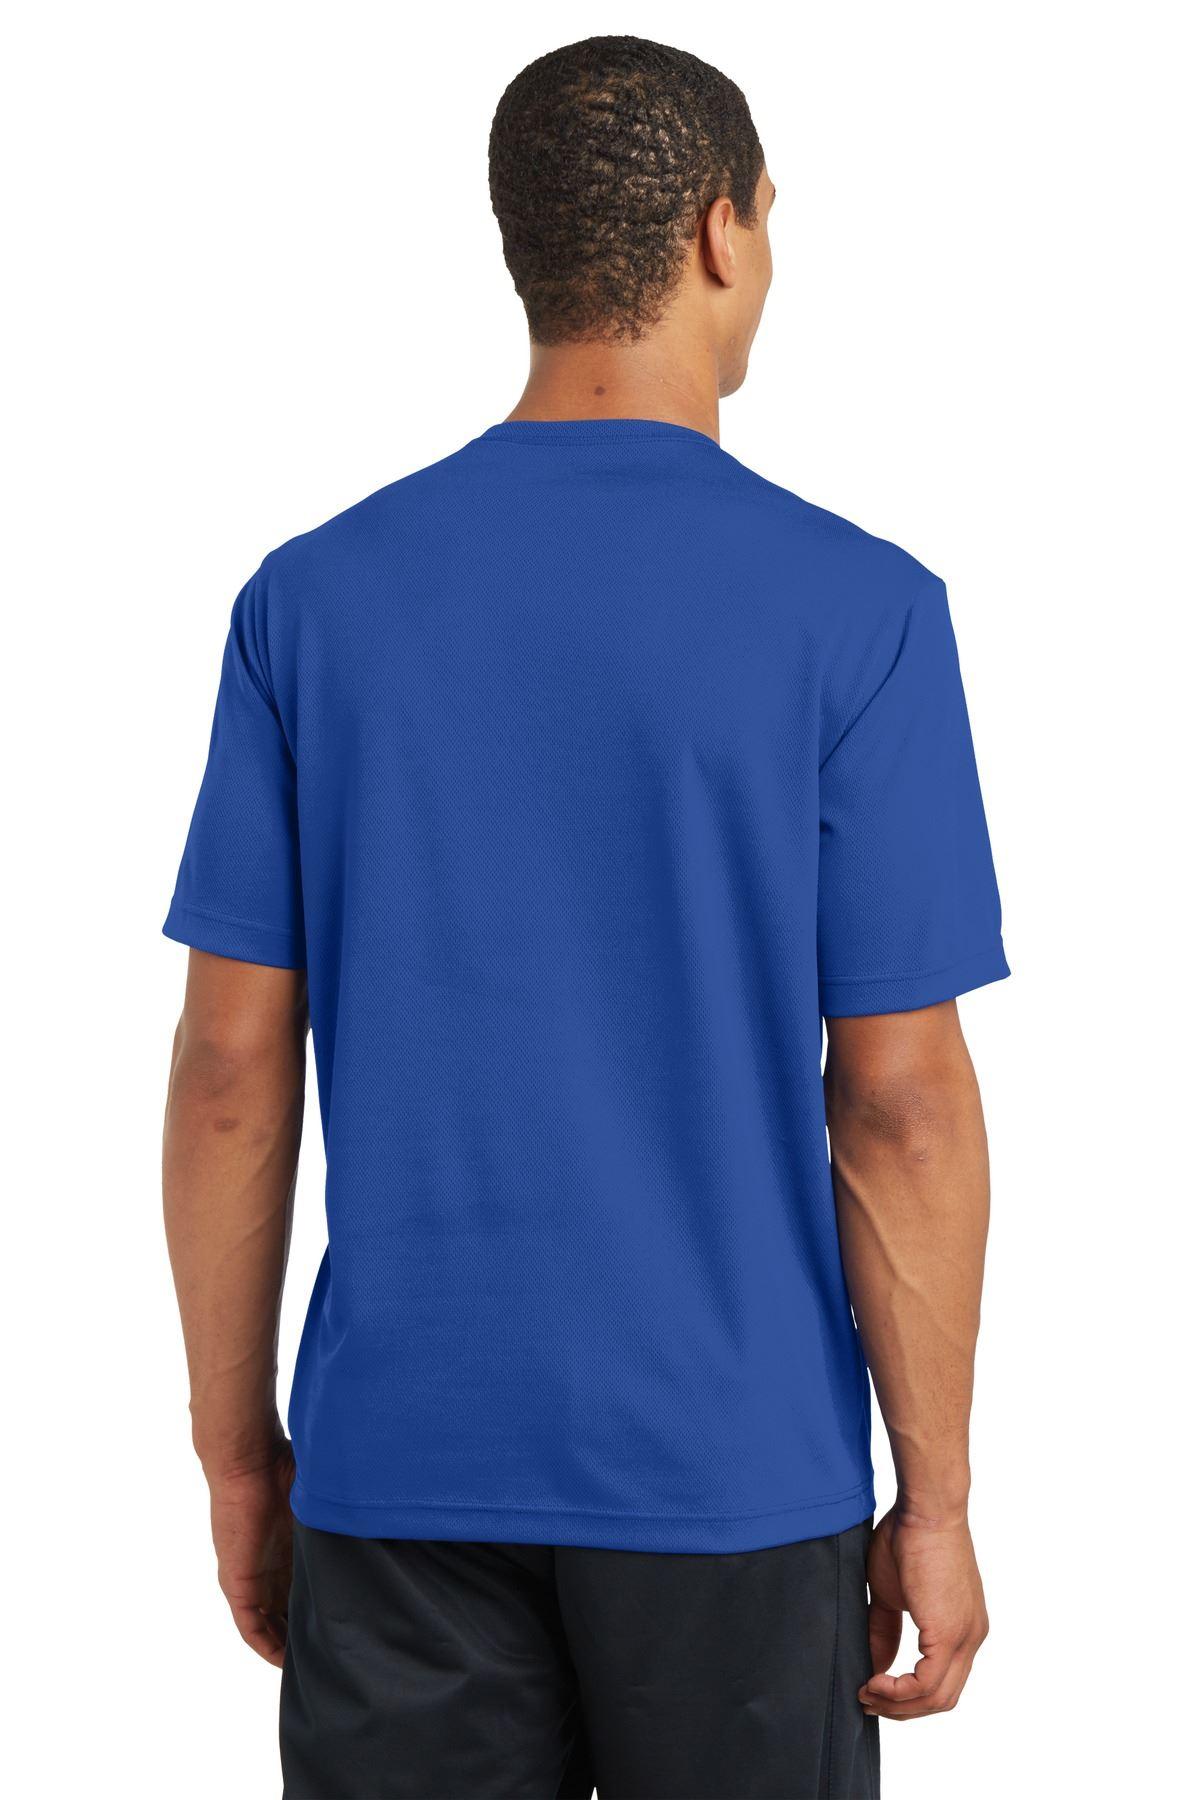 thumbnail 37 - Sport-Tek Men's Dry-Fit RacerMesh Moisture Wicking T-Shirt M-ST340